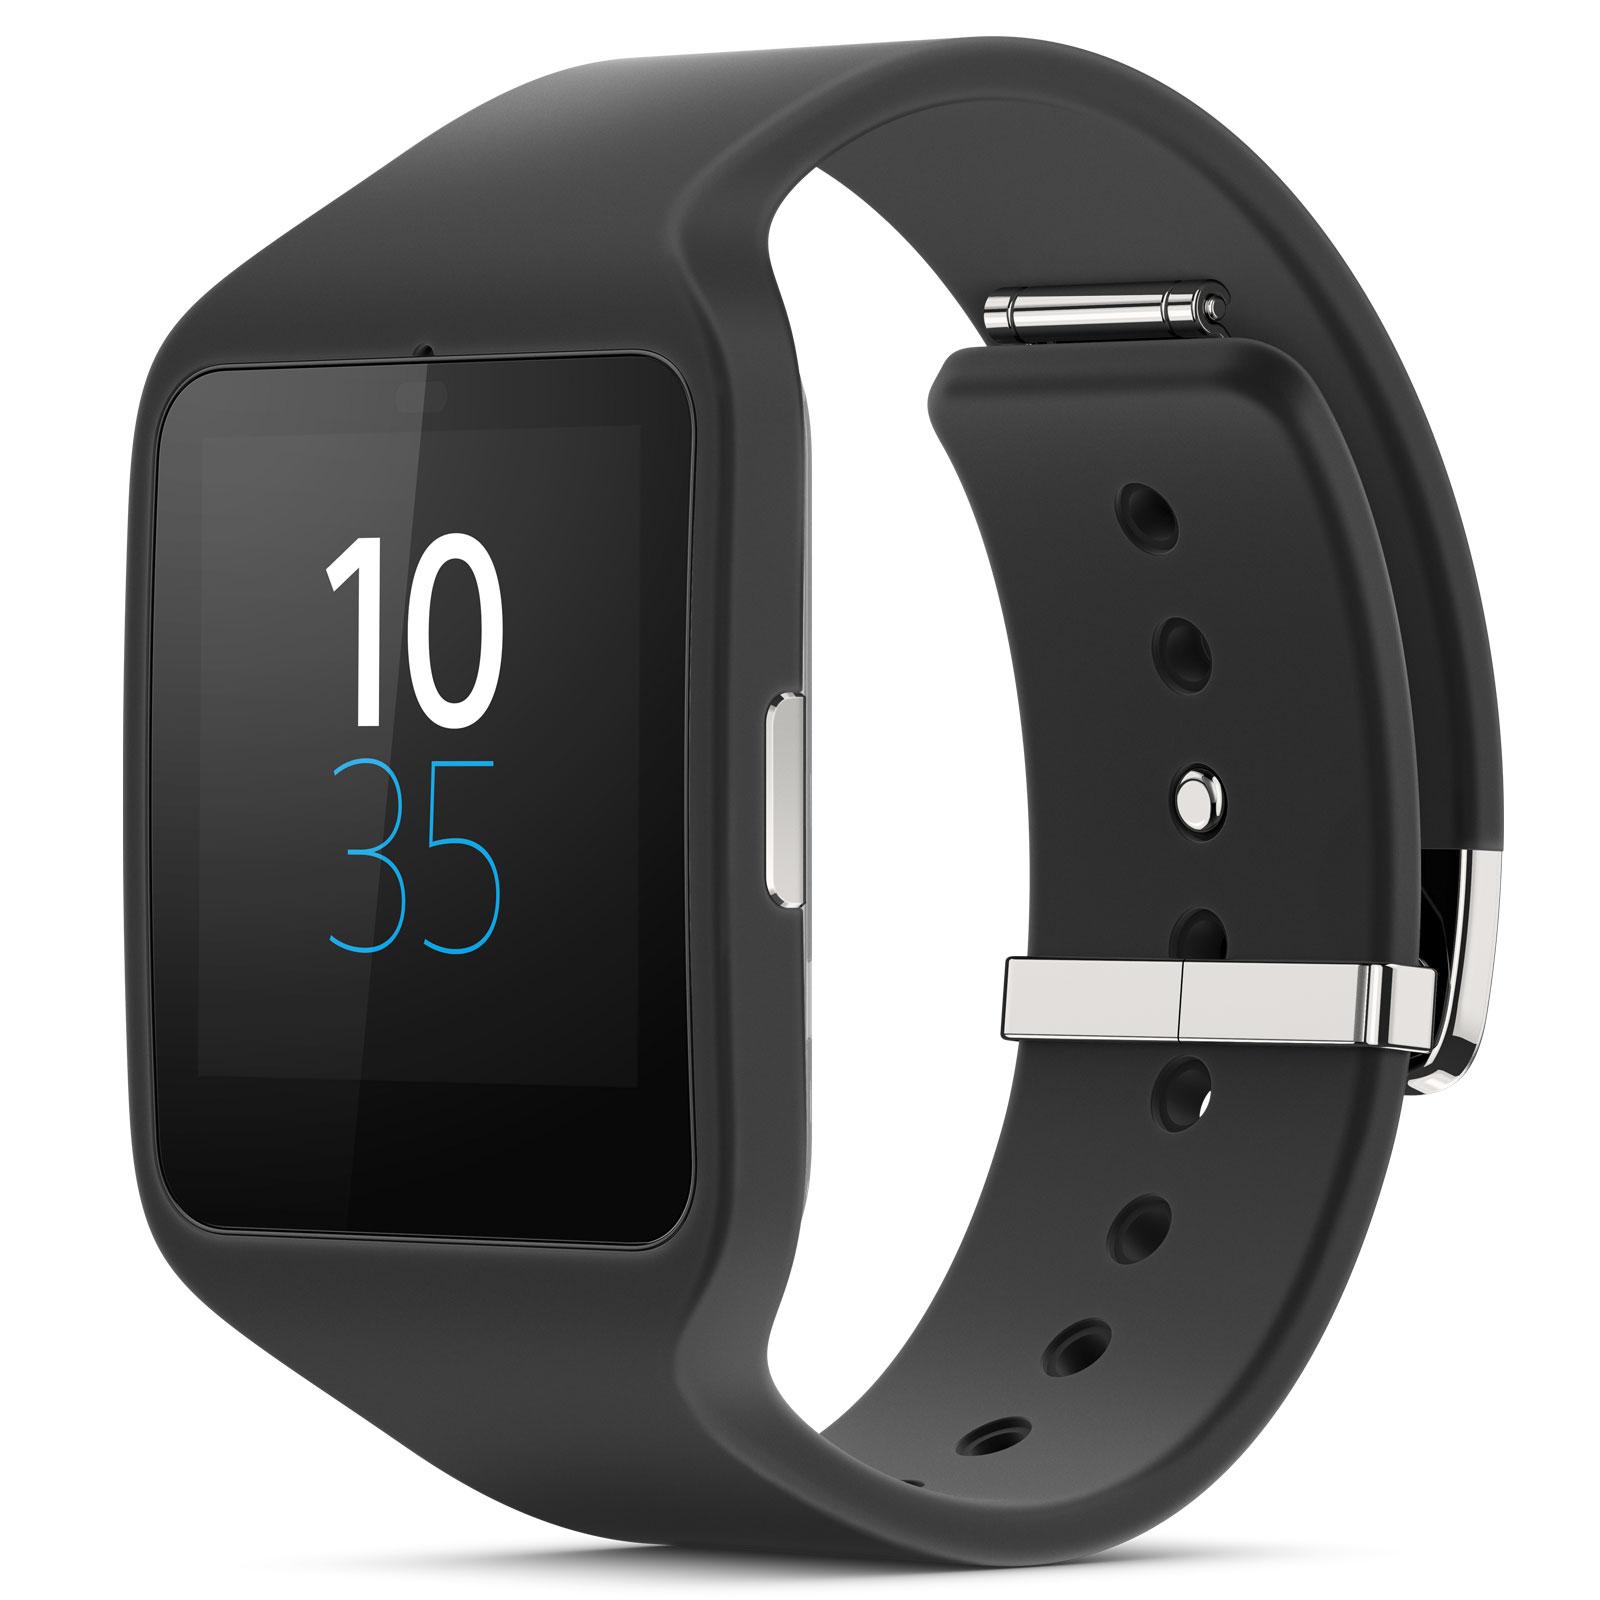 Montre connectée Sony SmartWatch 3 Silicone Noire Montre Android Bluetooth/NFC certifiée IP68 avec écran LCD tactile et bracelet en silicone